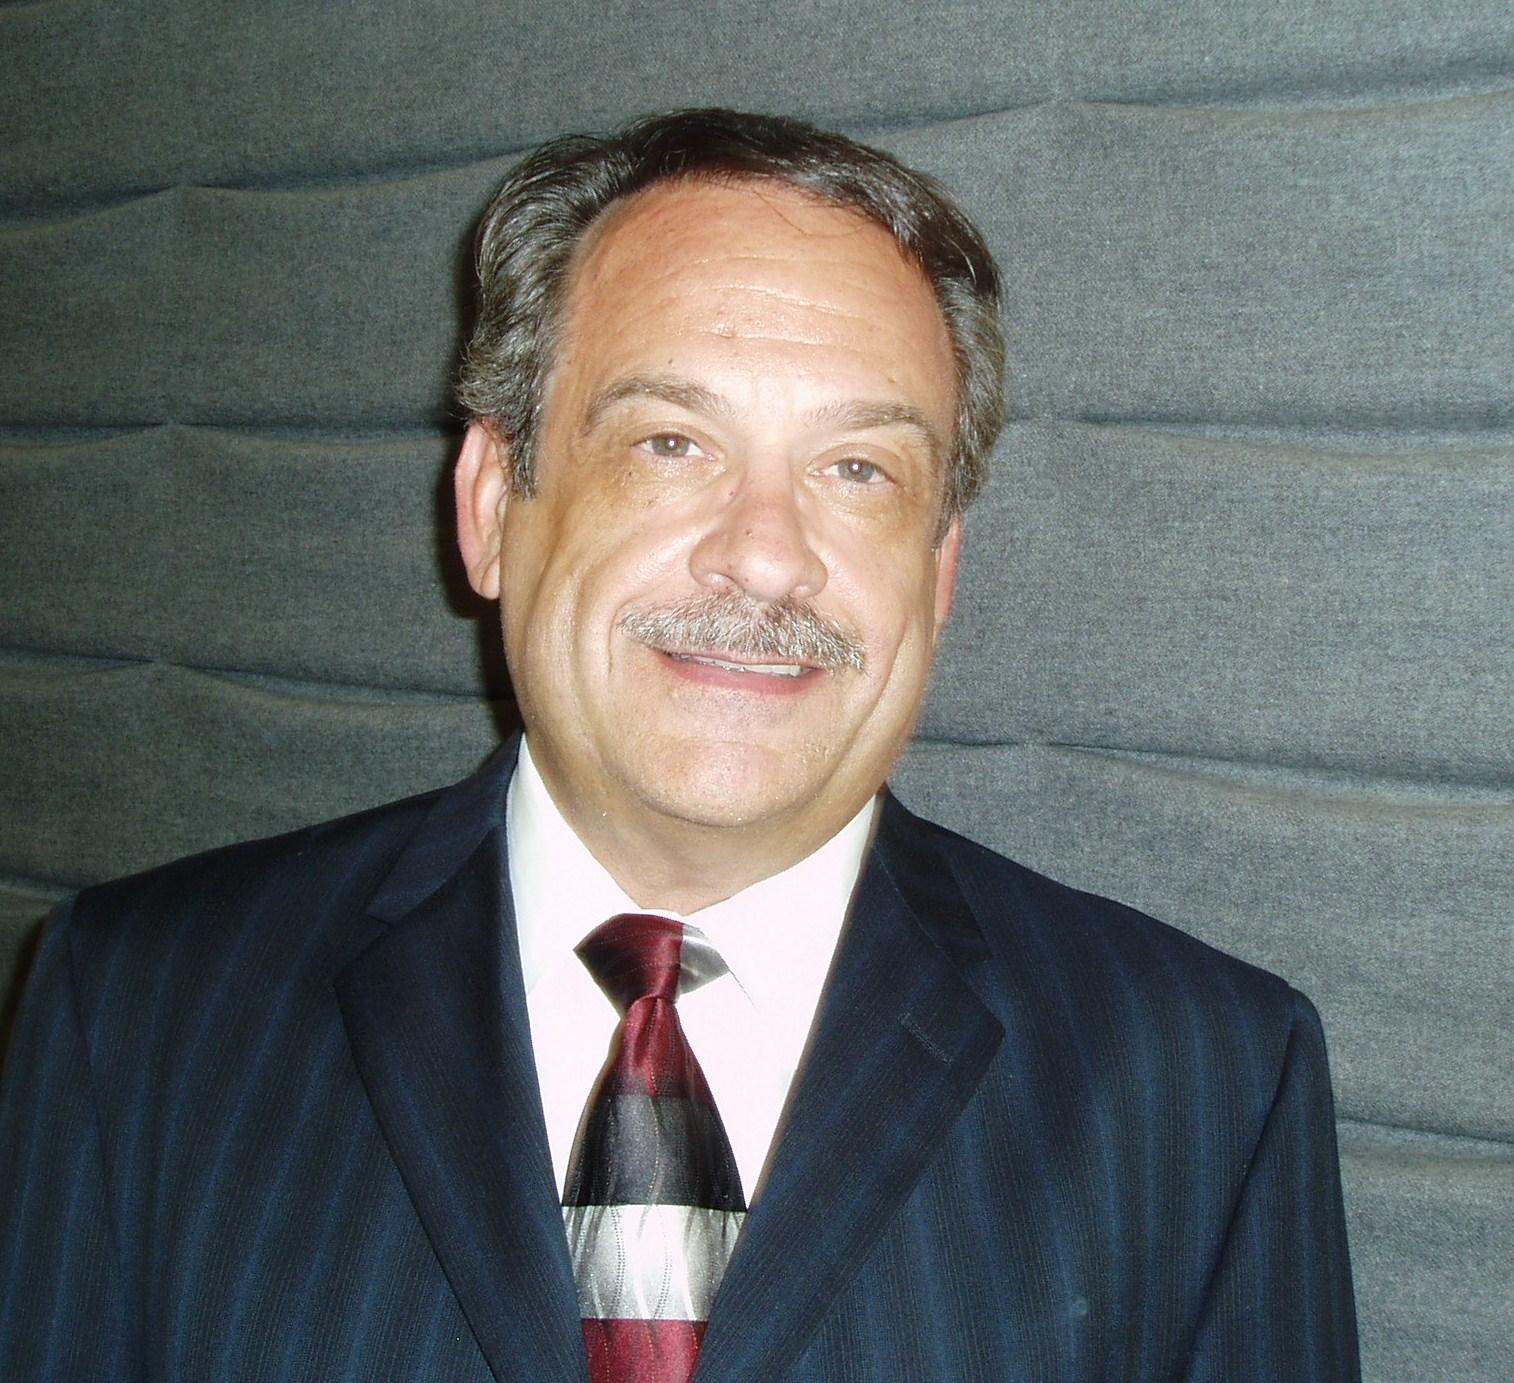 Michael Crum